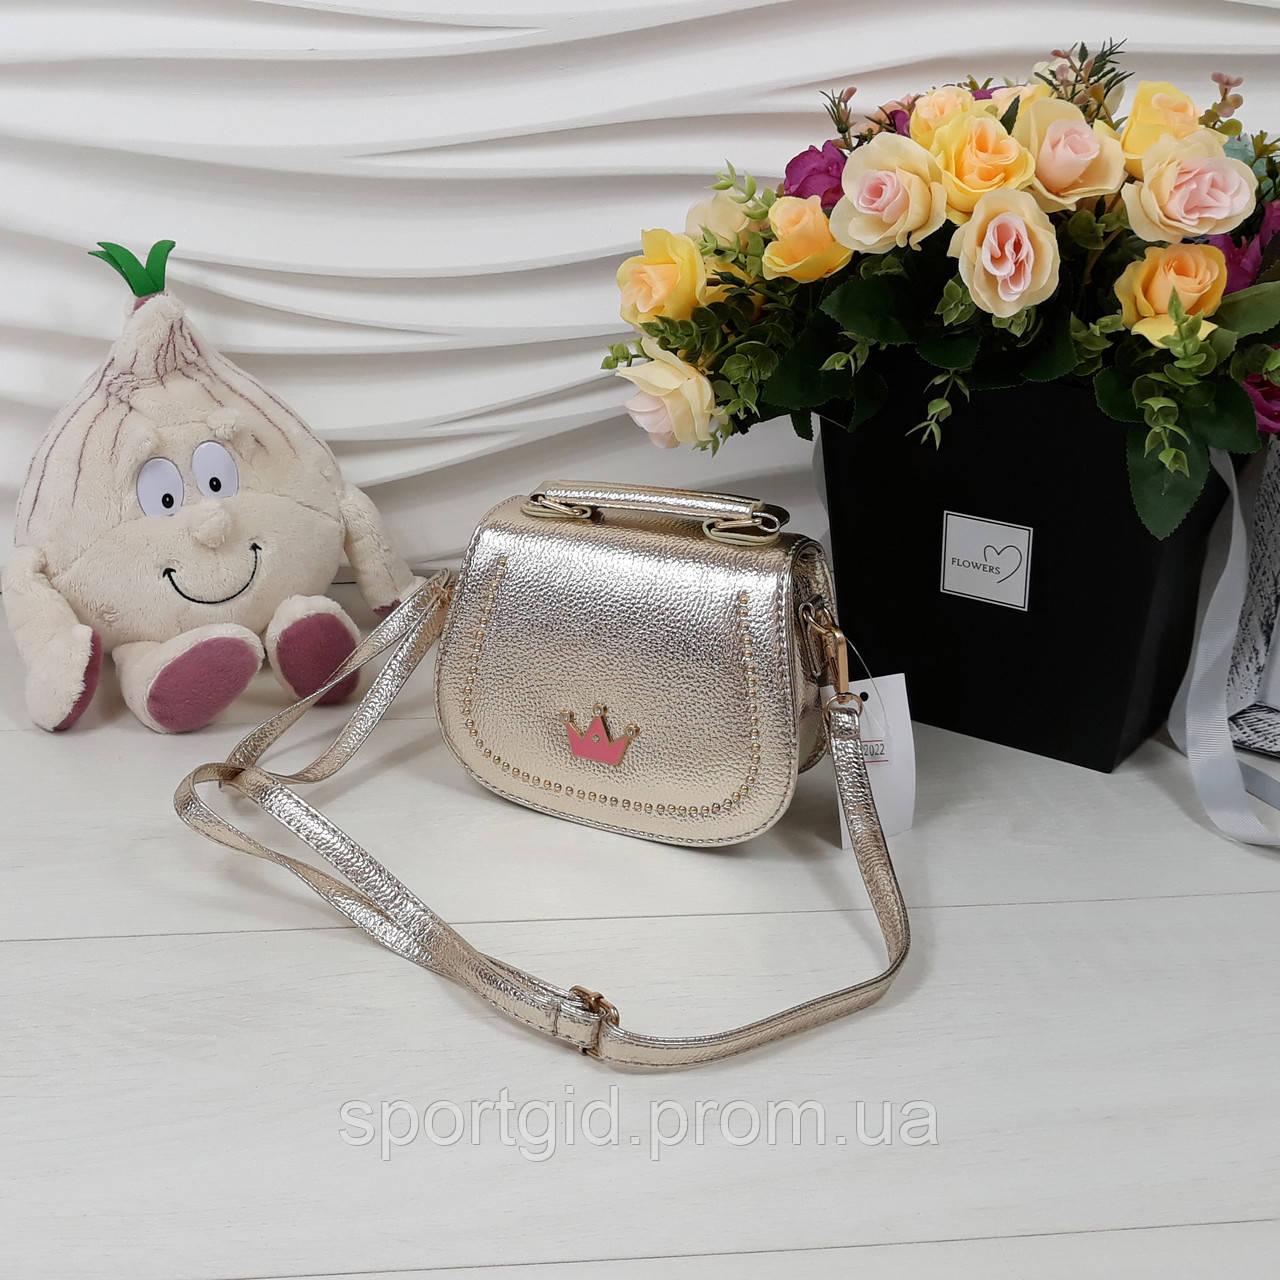 bf6173ada230 Модная детская сумочка Корона на плечо , золото - Интернет магазин ShopoVik  в Запорожье